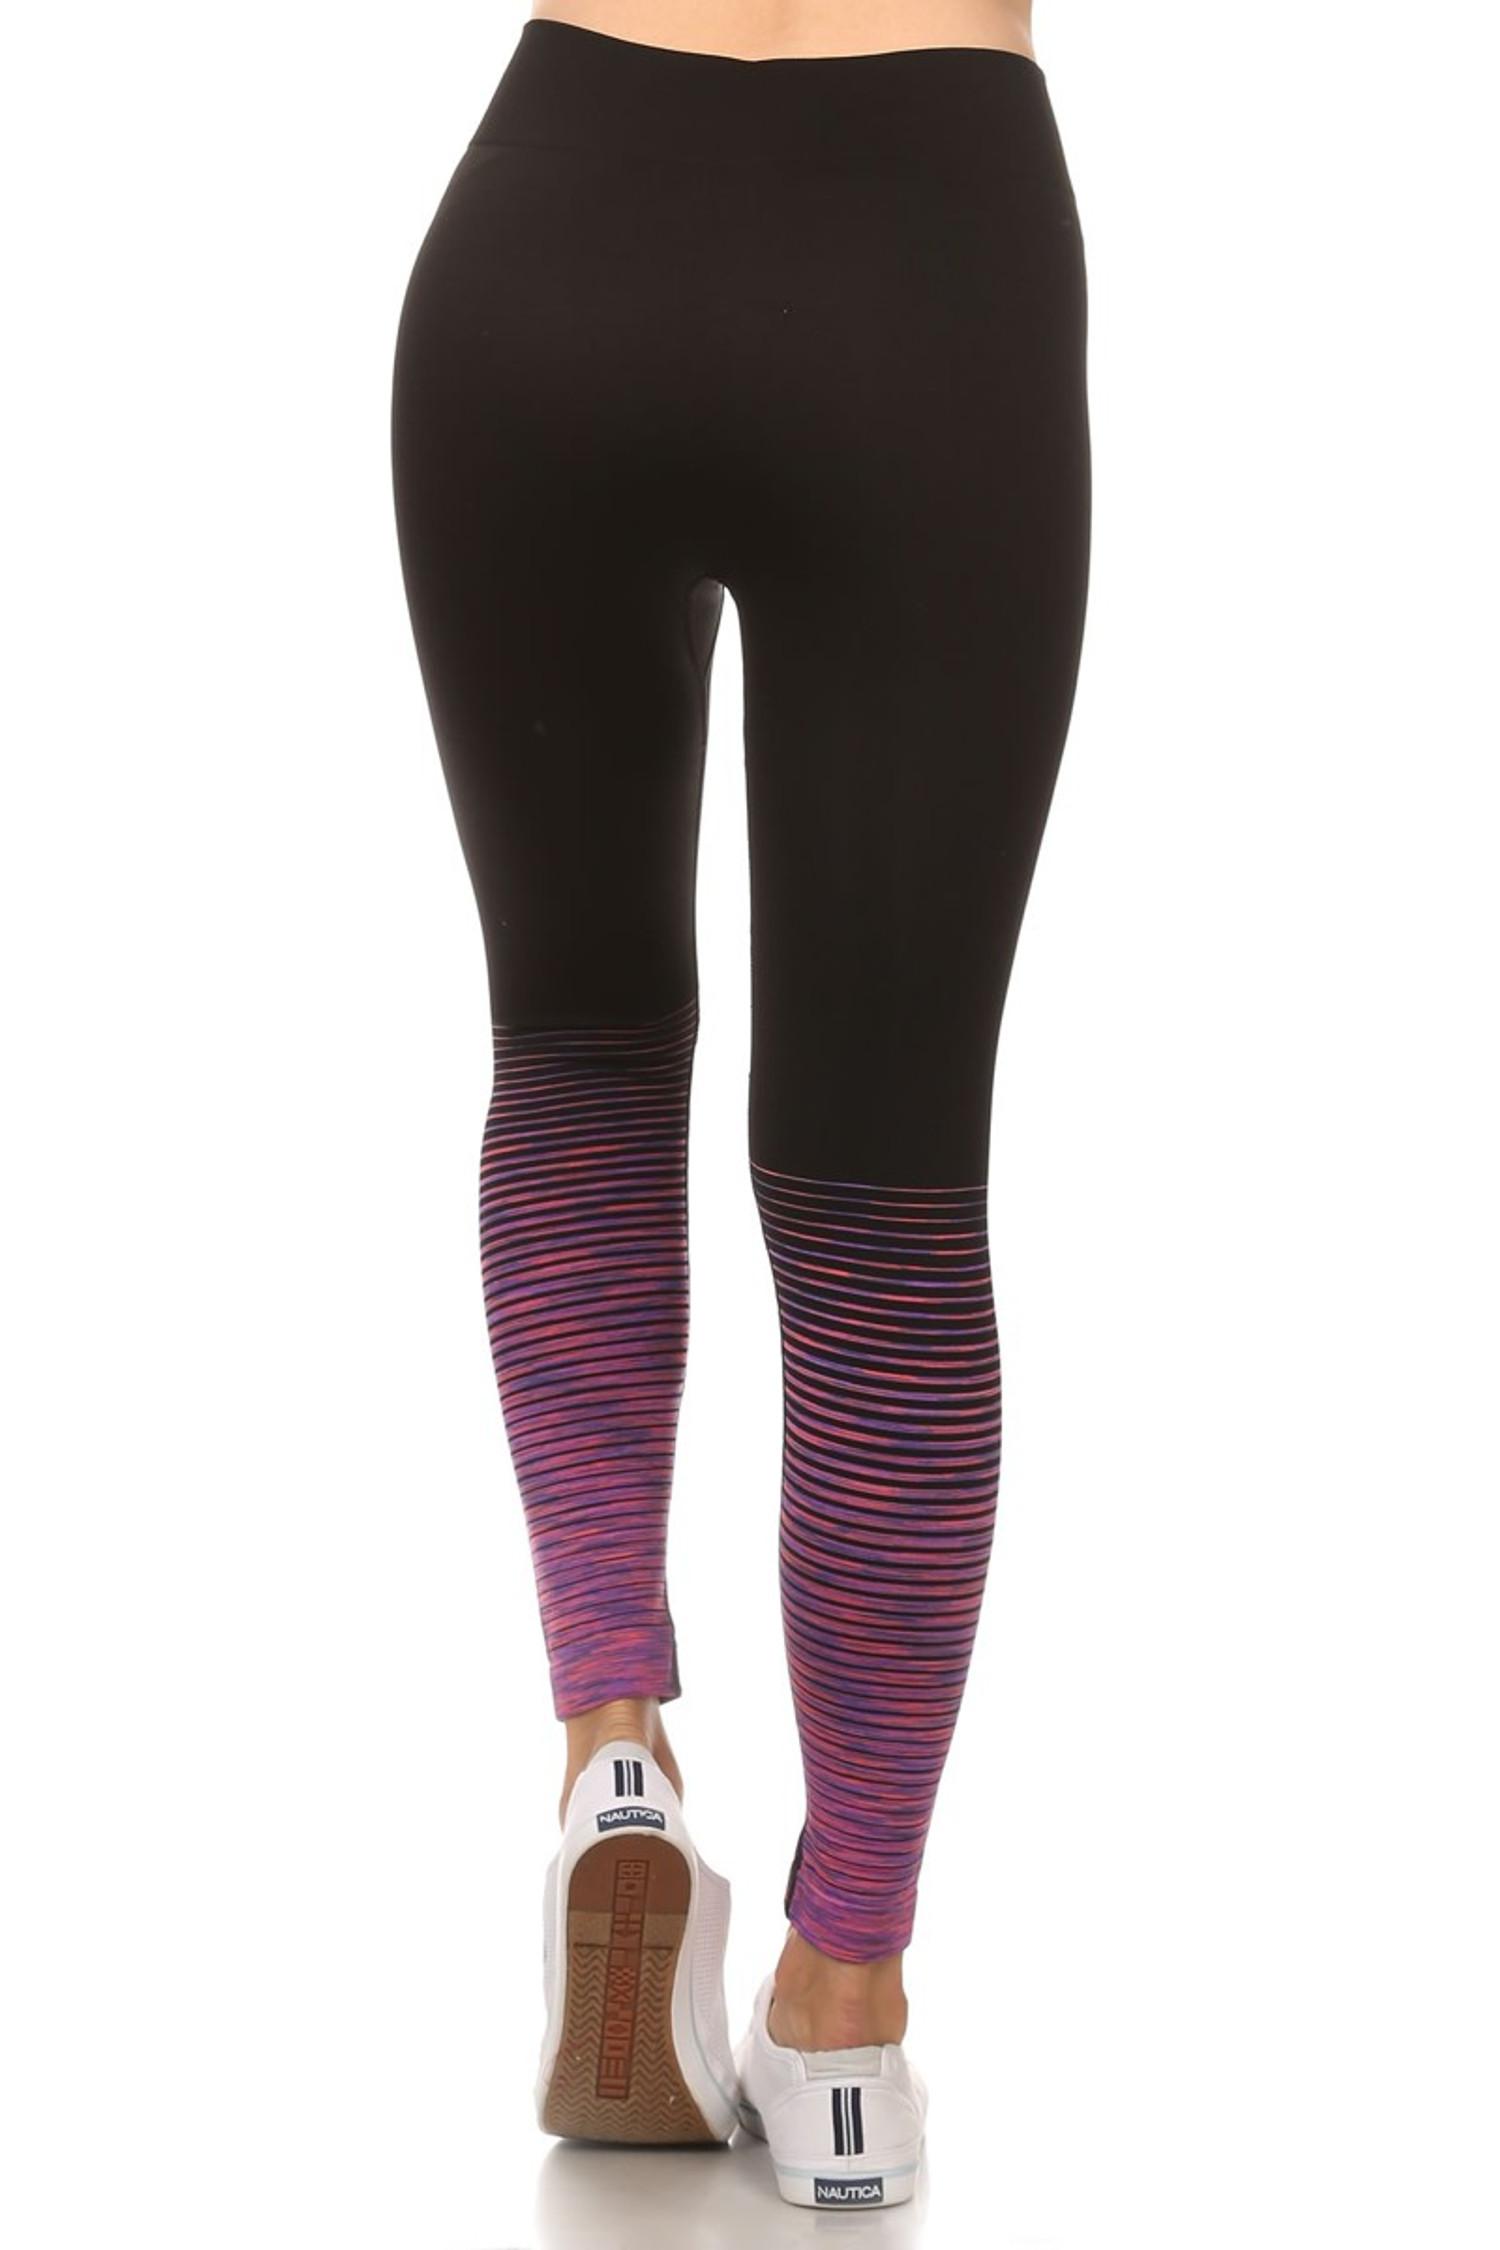 Tornado Color Fade Workout Leggings